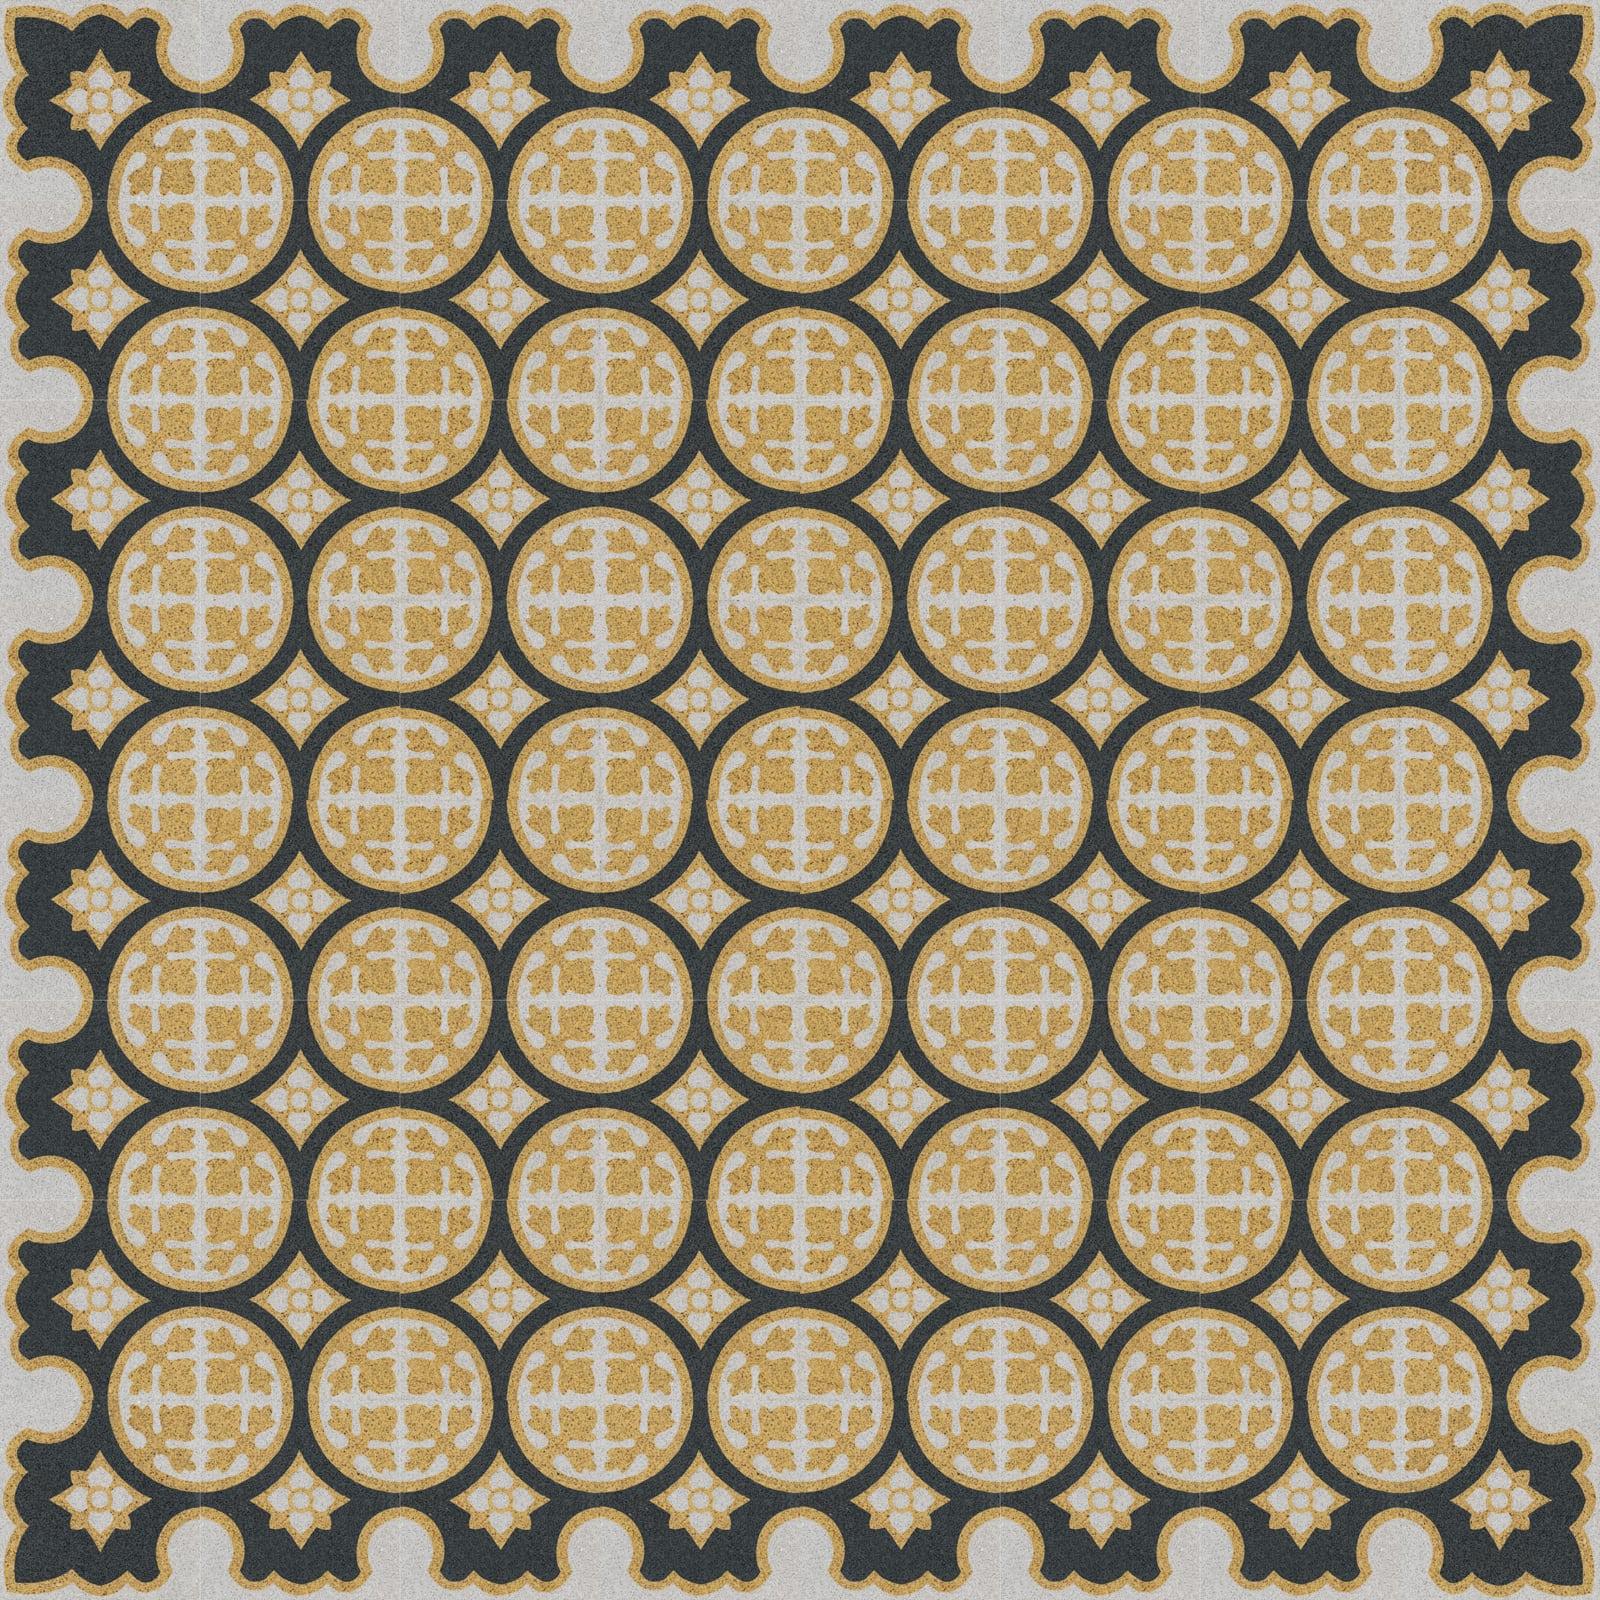 VIA Terrazzofliese mir Muster aus Kreisen in gelb und schwarz